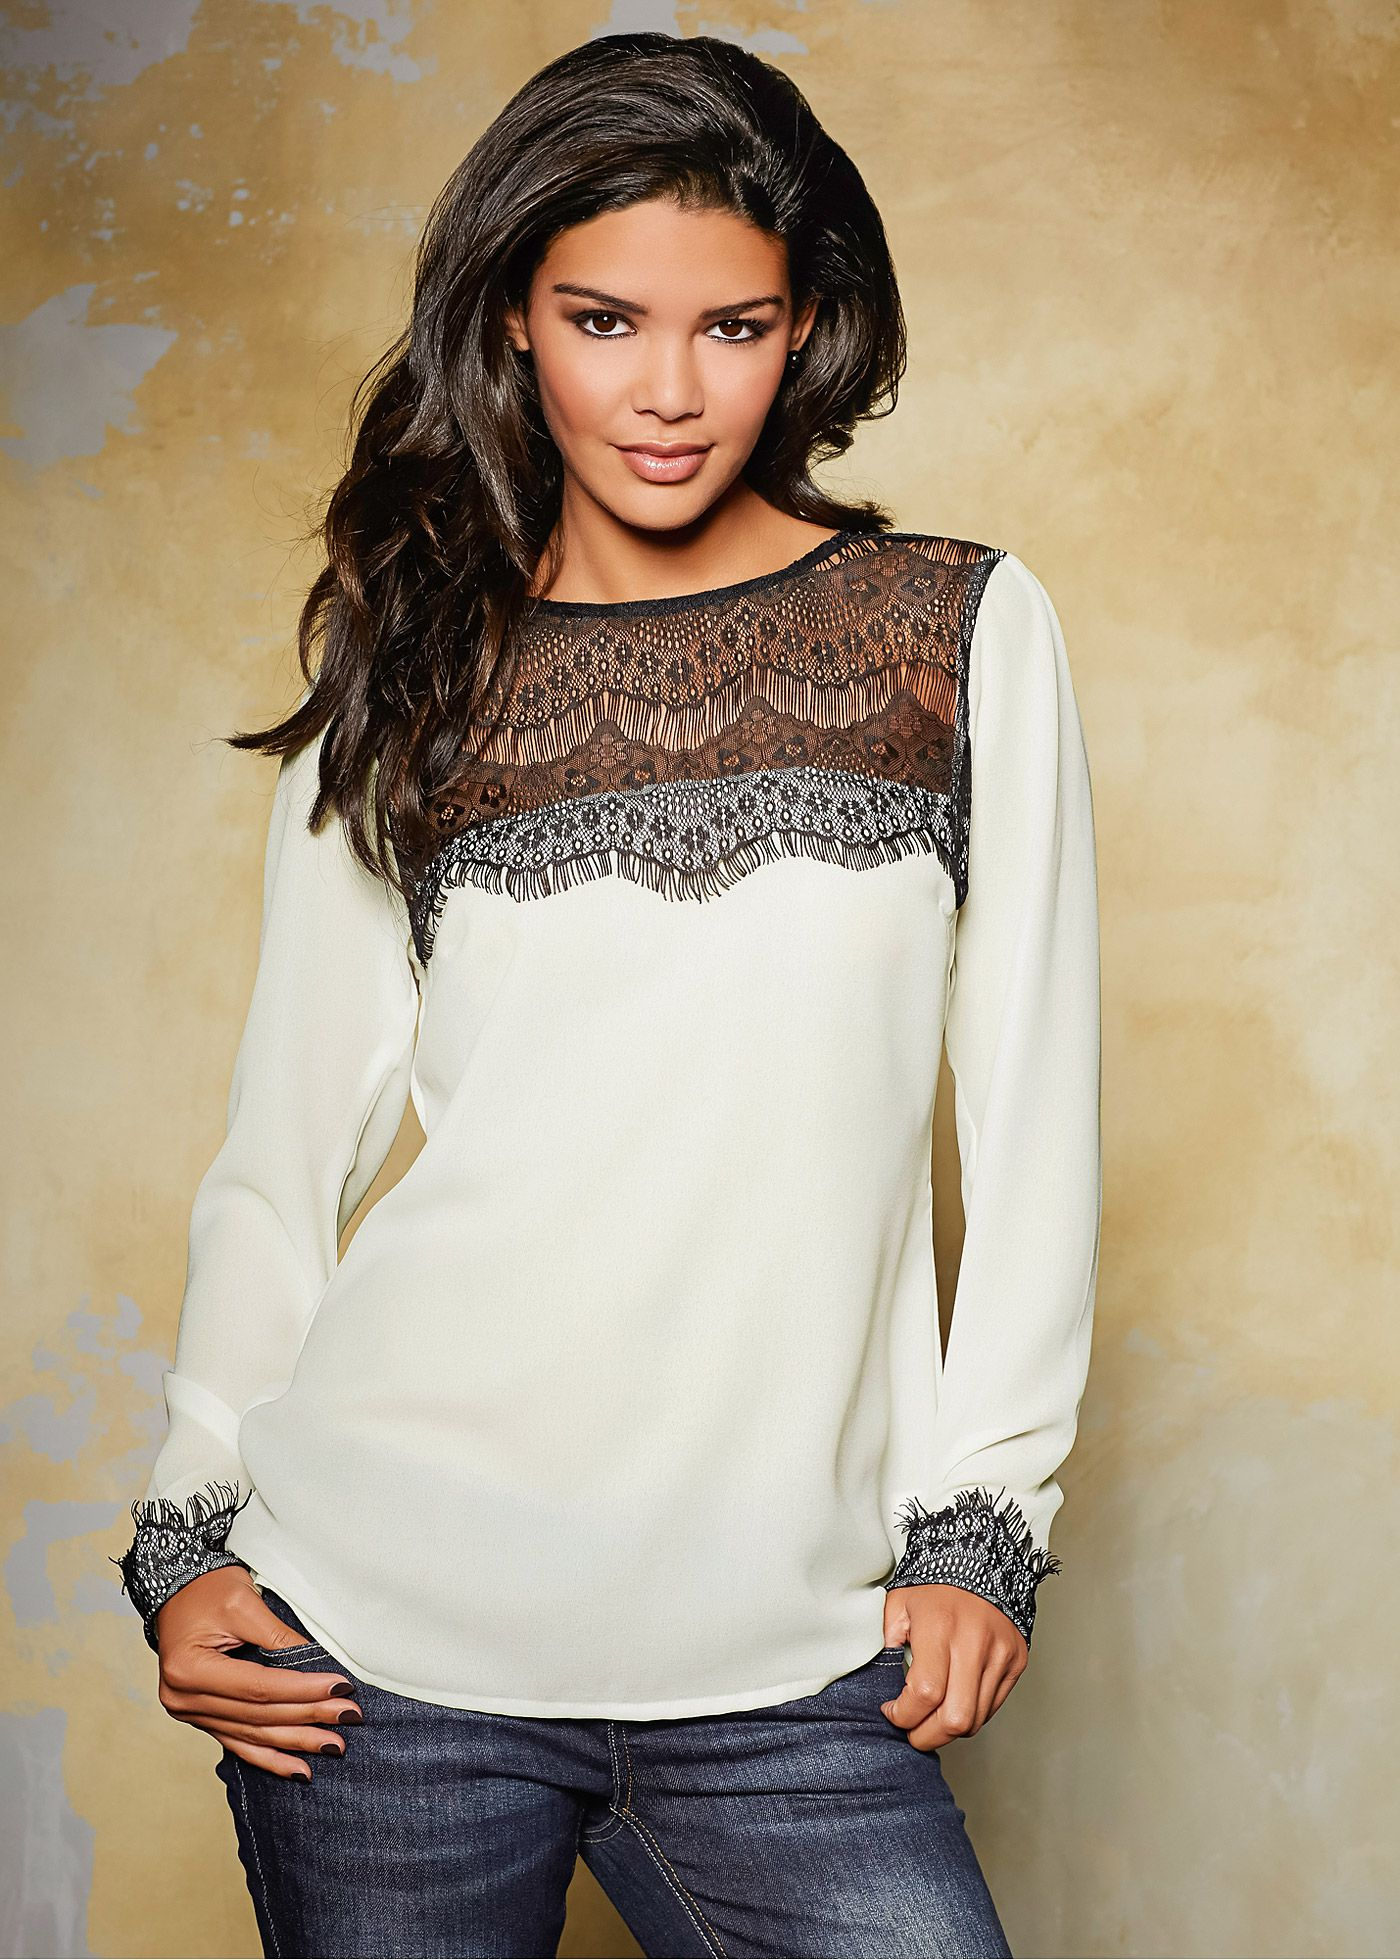 Blusa branco/preto encomendar agora na loja on-line bonprix.de  R$ 89,90 a partir de Linda blusa manga longa. Indispensável em seu guarda-roupa! Seguir as ...